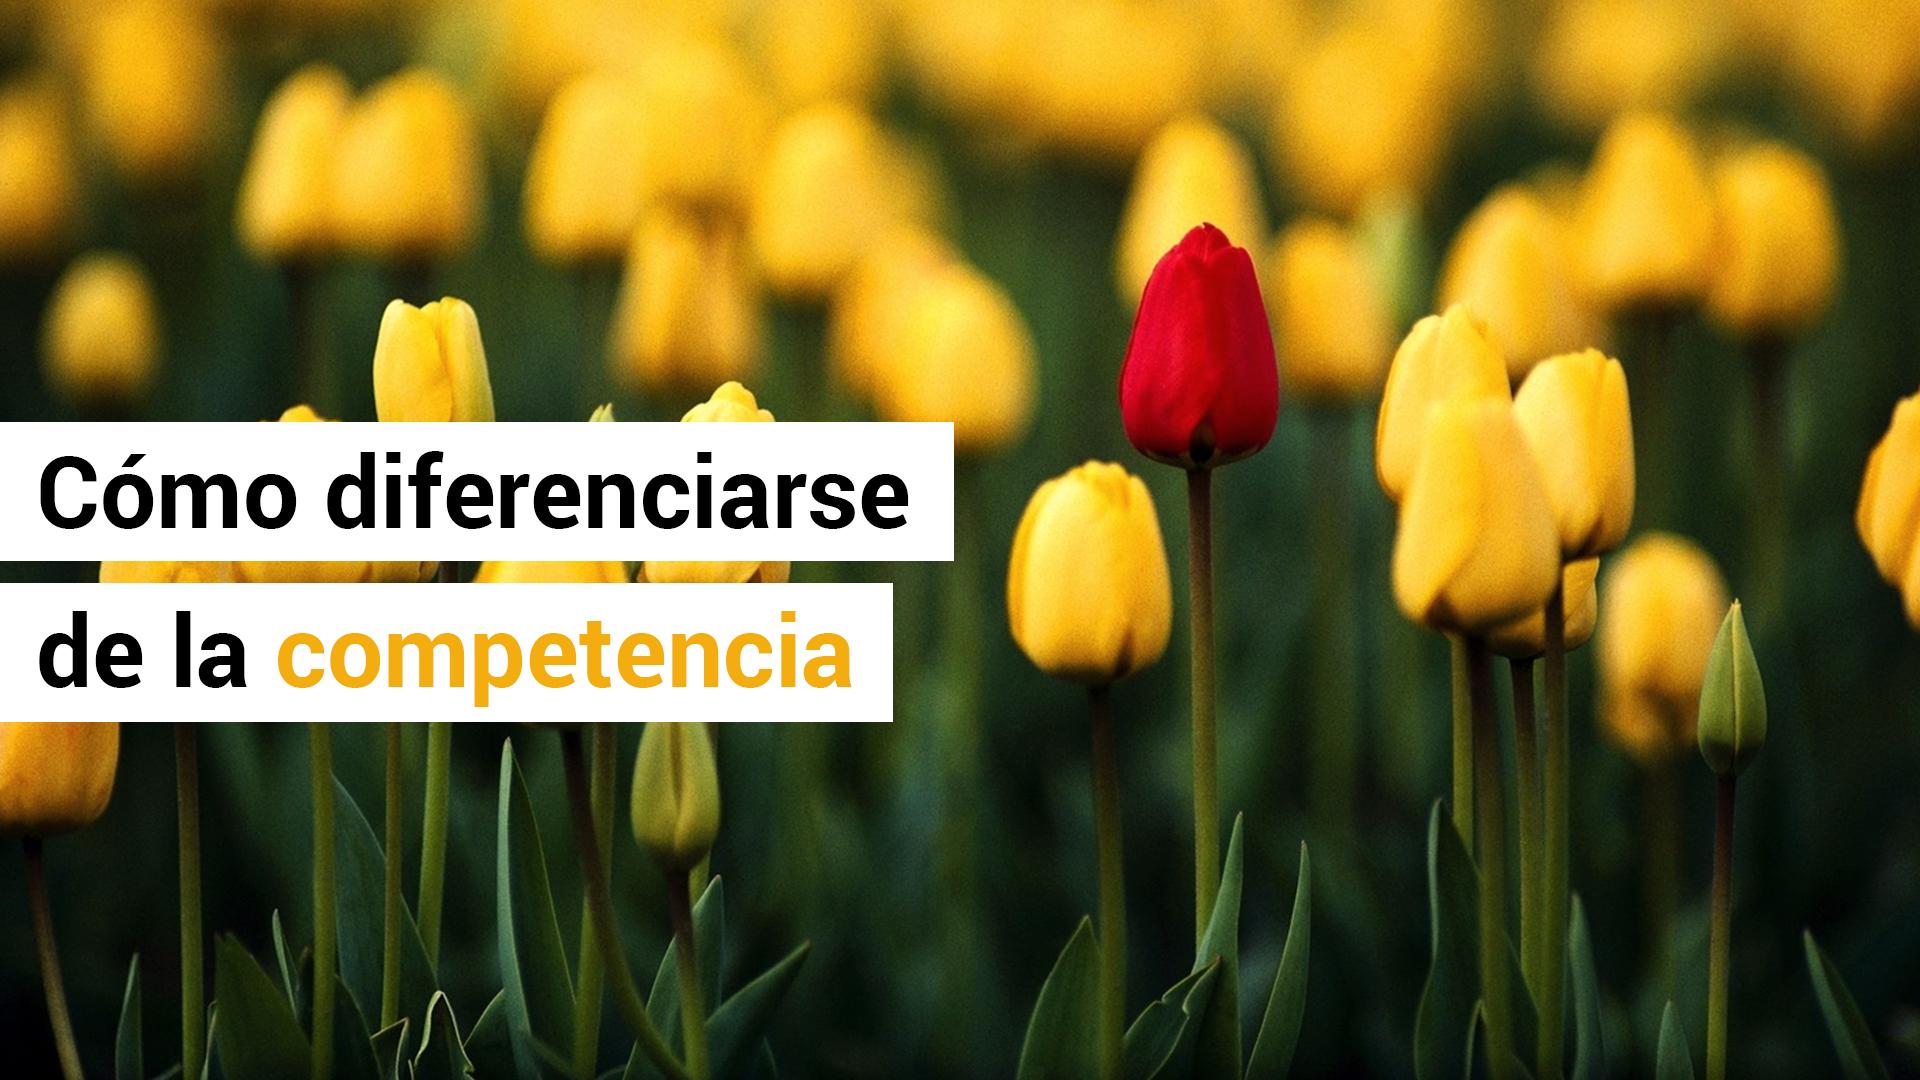 3 ideas para diferenciarse de la competencia